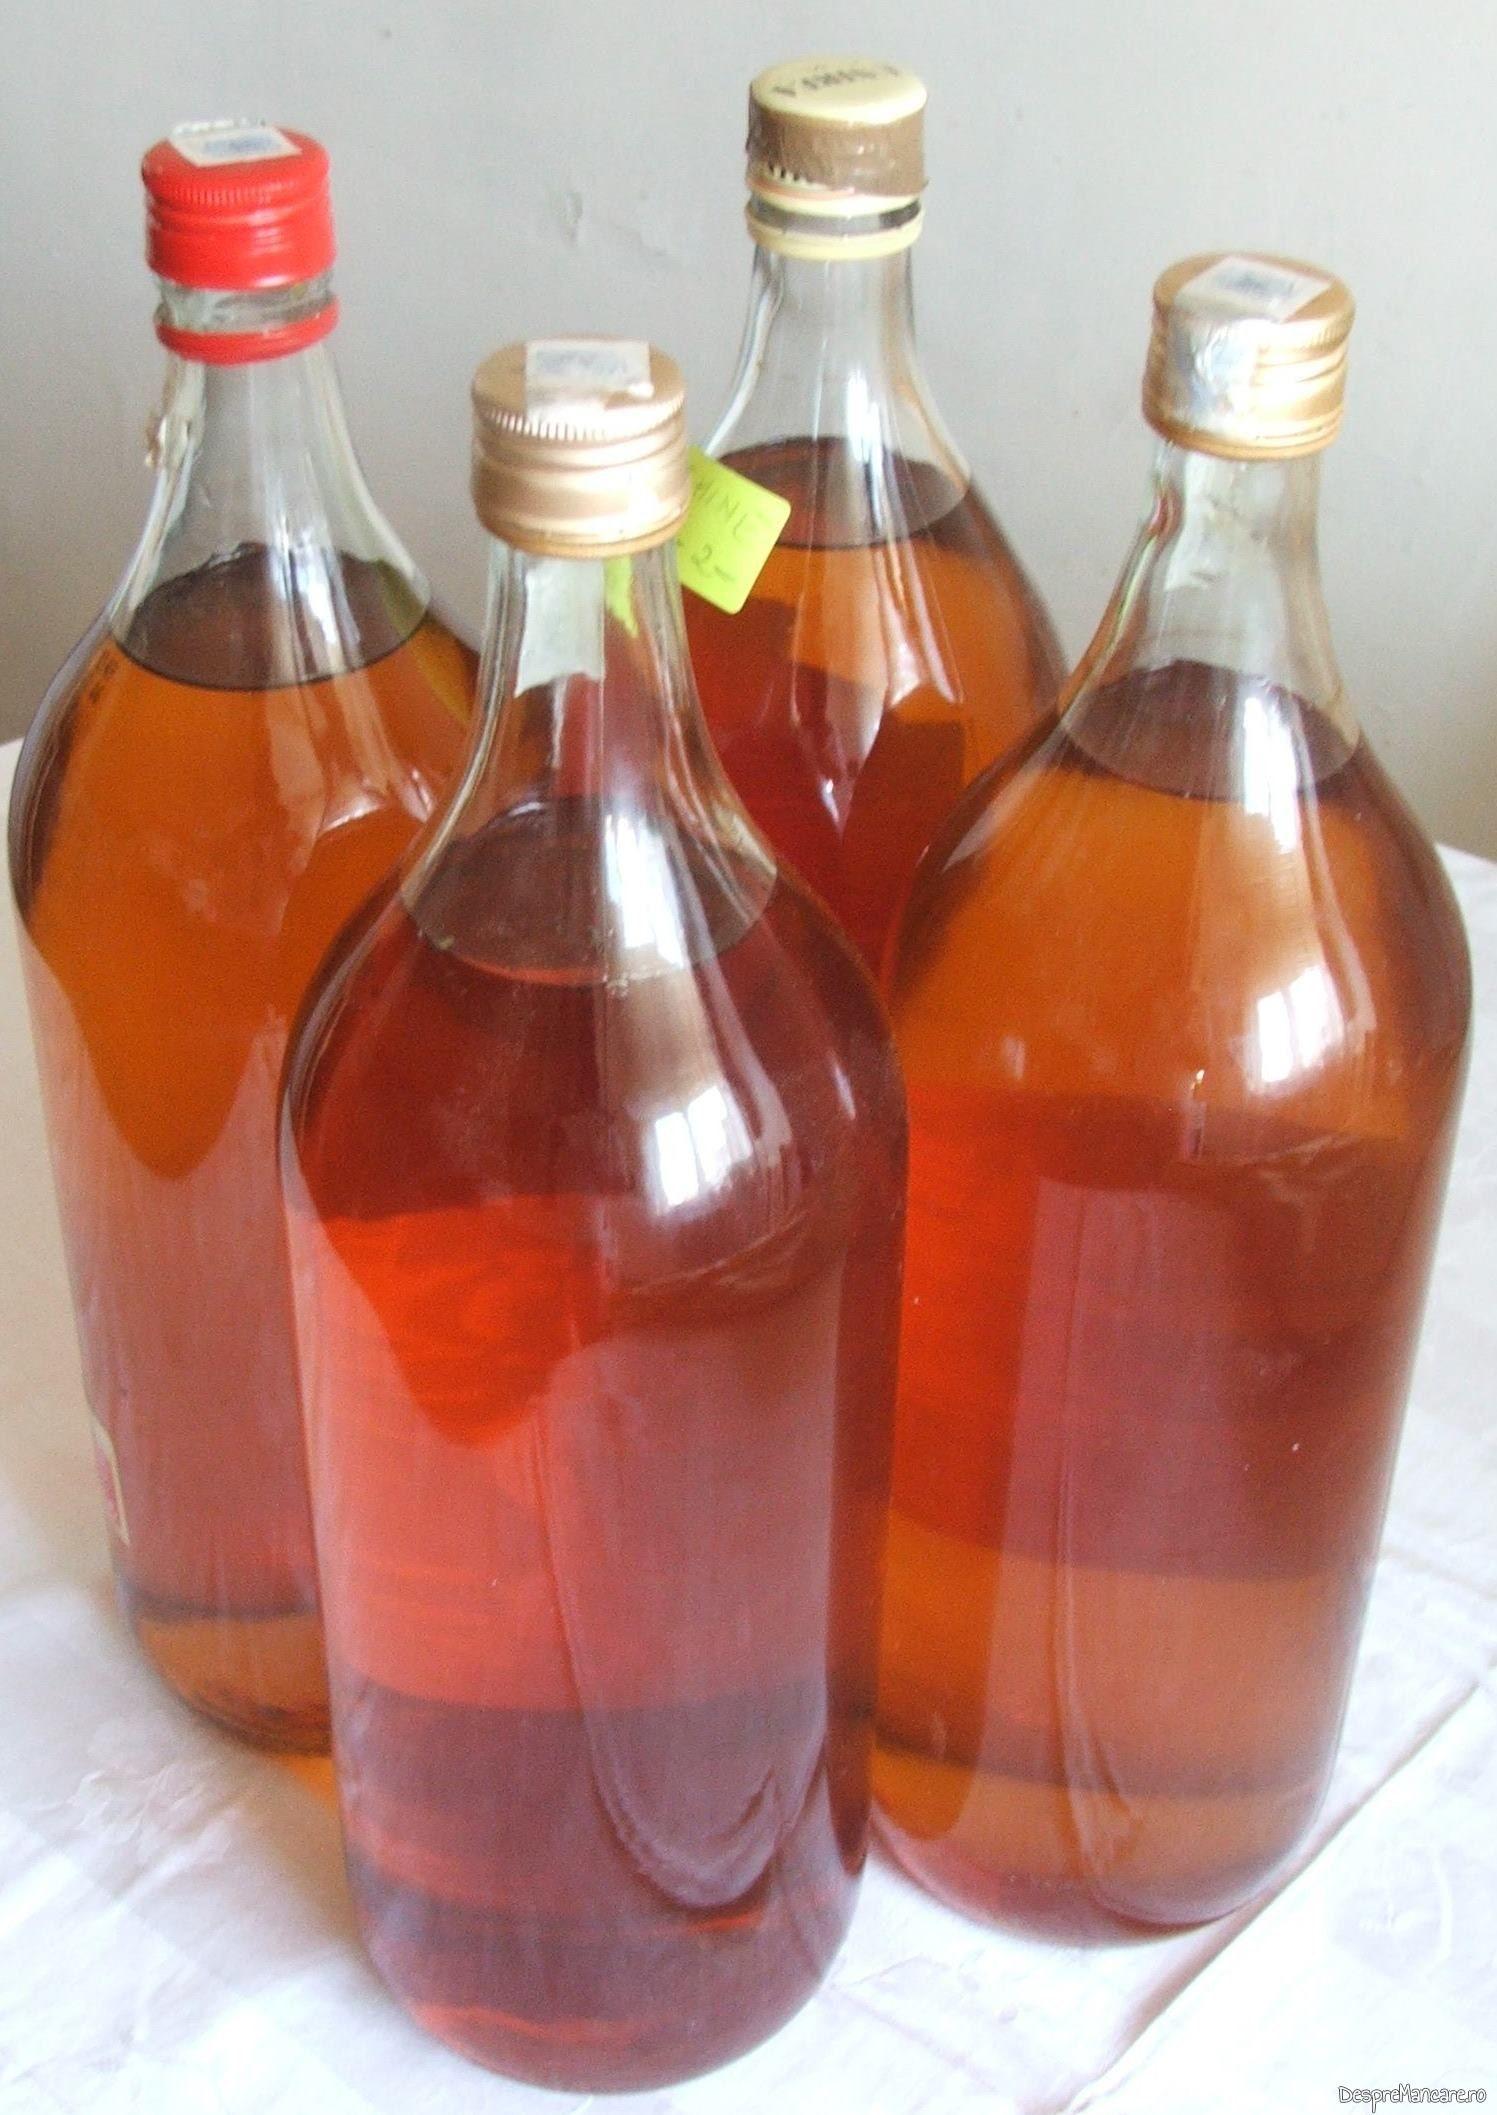 Vinul casei din smochine servit la muschiulet de porc cu ciuperci si legume la tigaie.